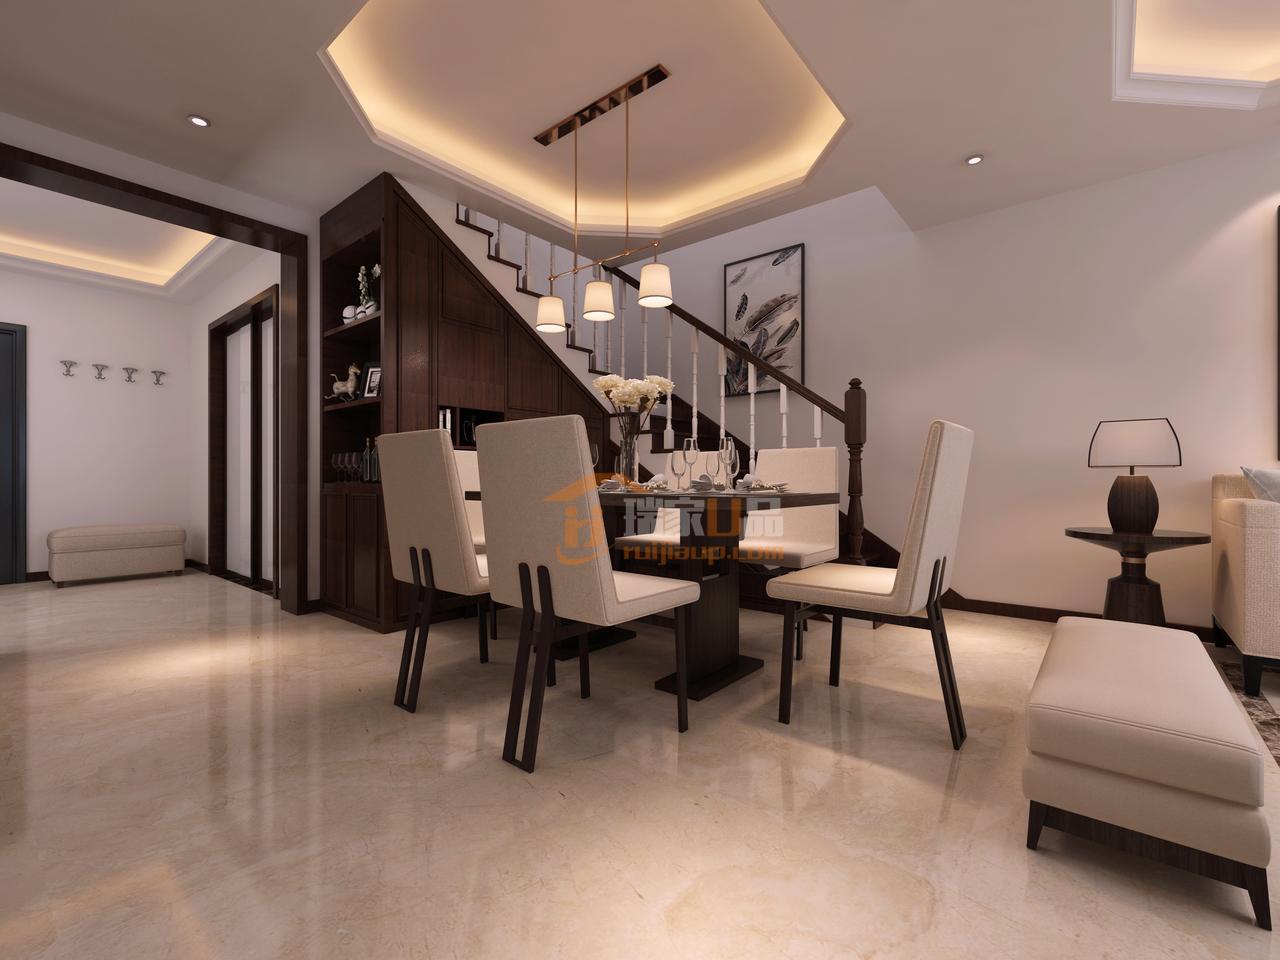 现代简约风格餐厅设计-现代简约风格,简约而不简单的设计!